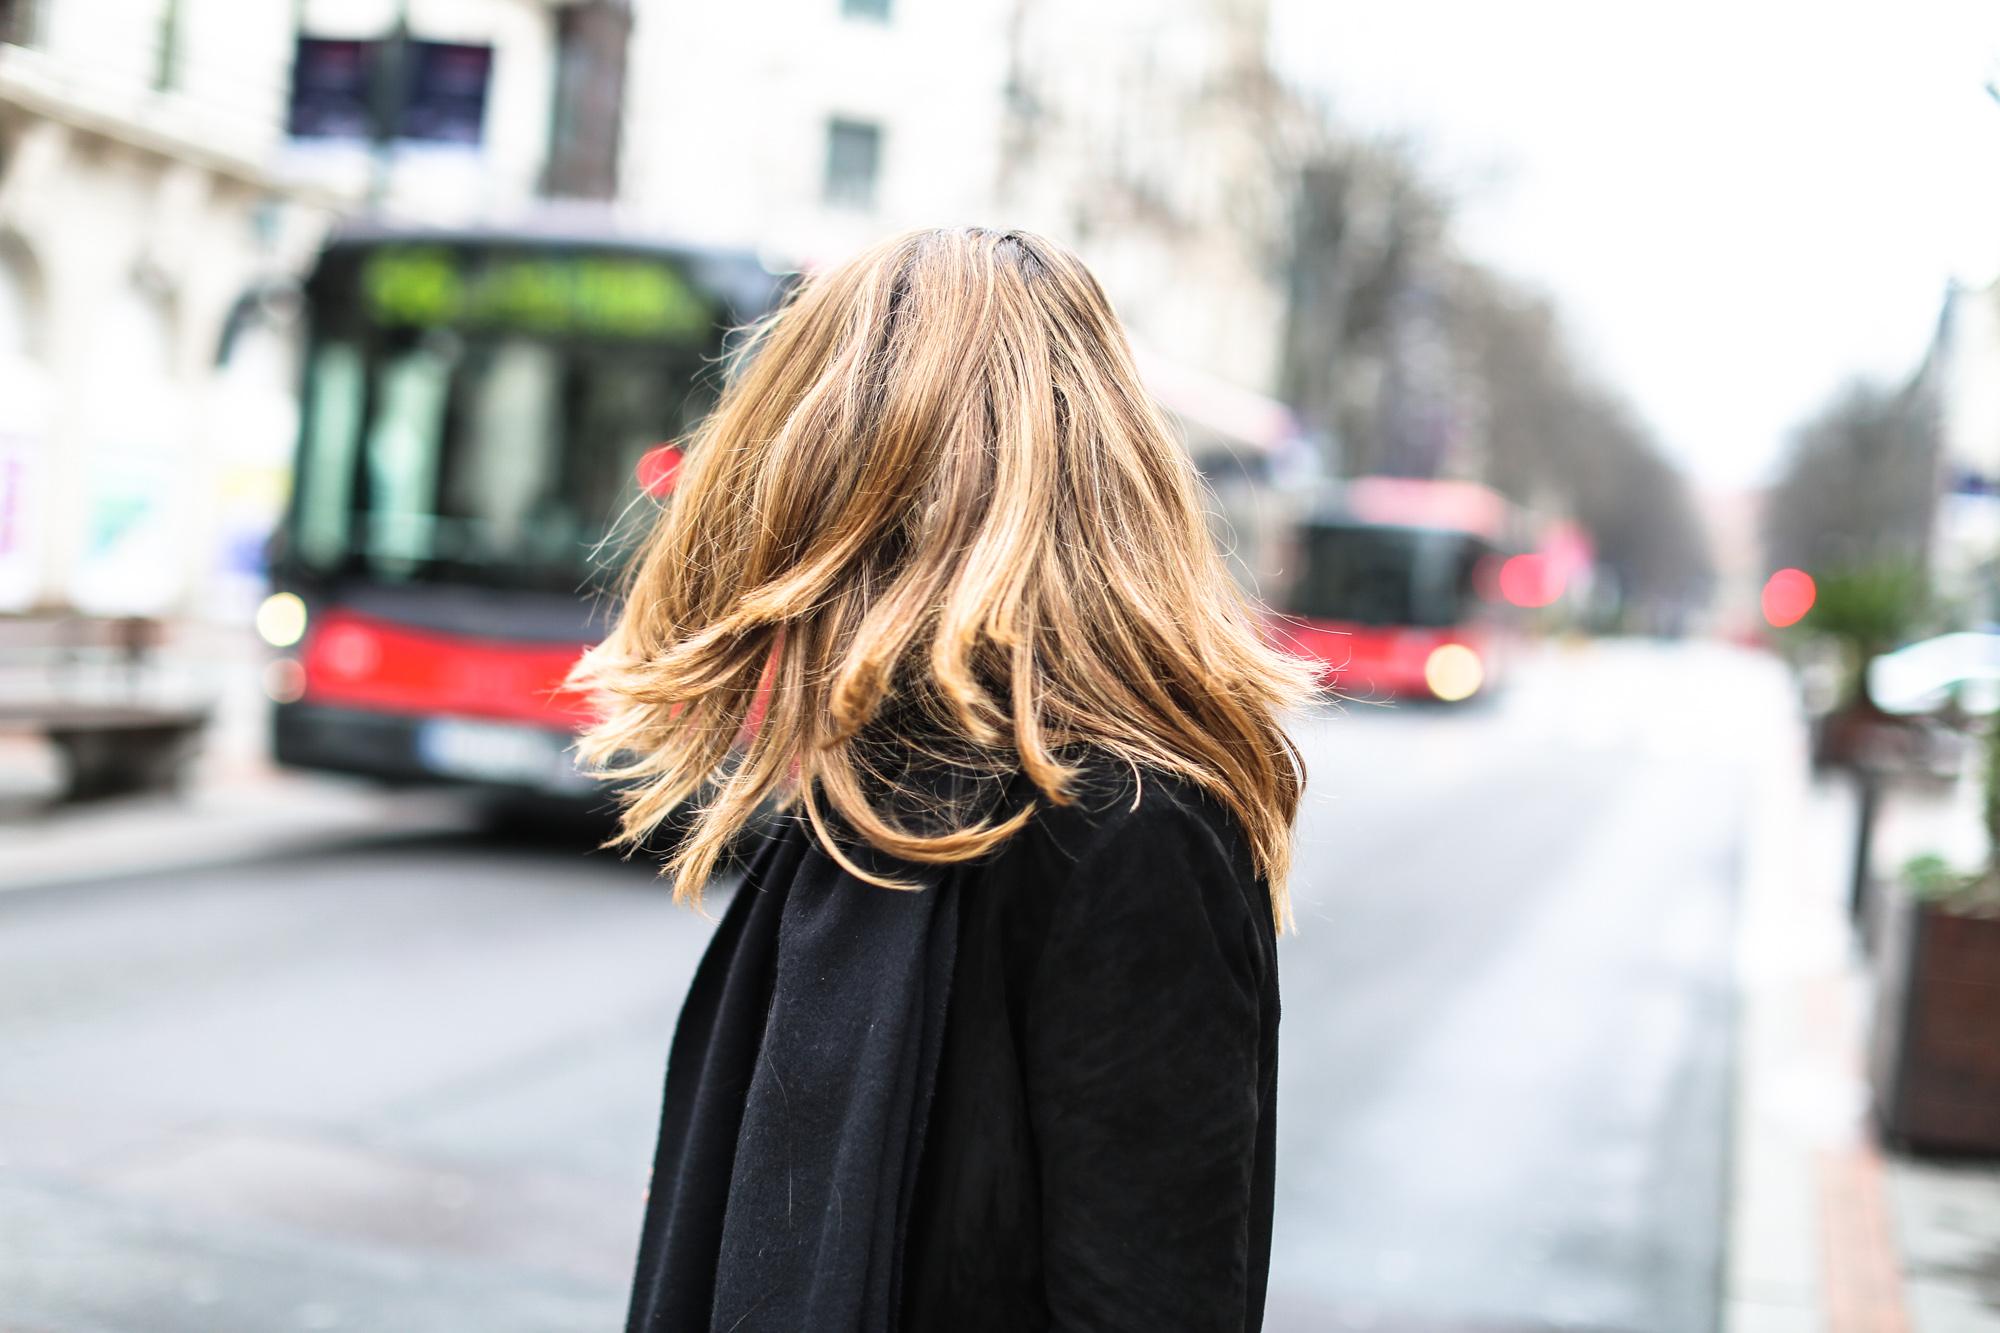 Clochet_streetstyle_fashionblogger_purificacióngarcia_bolsotrangram_chaquetaanteflecosmaje